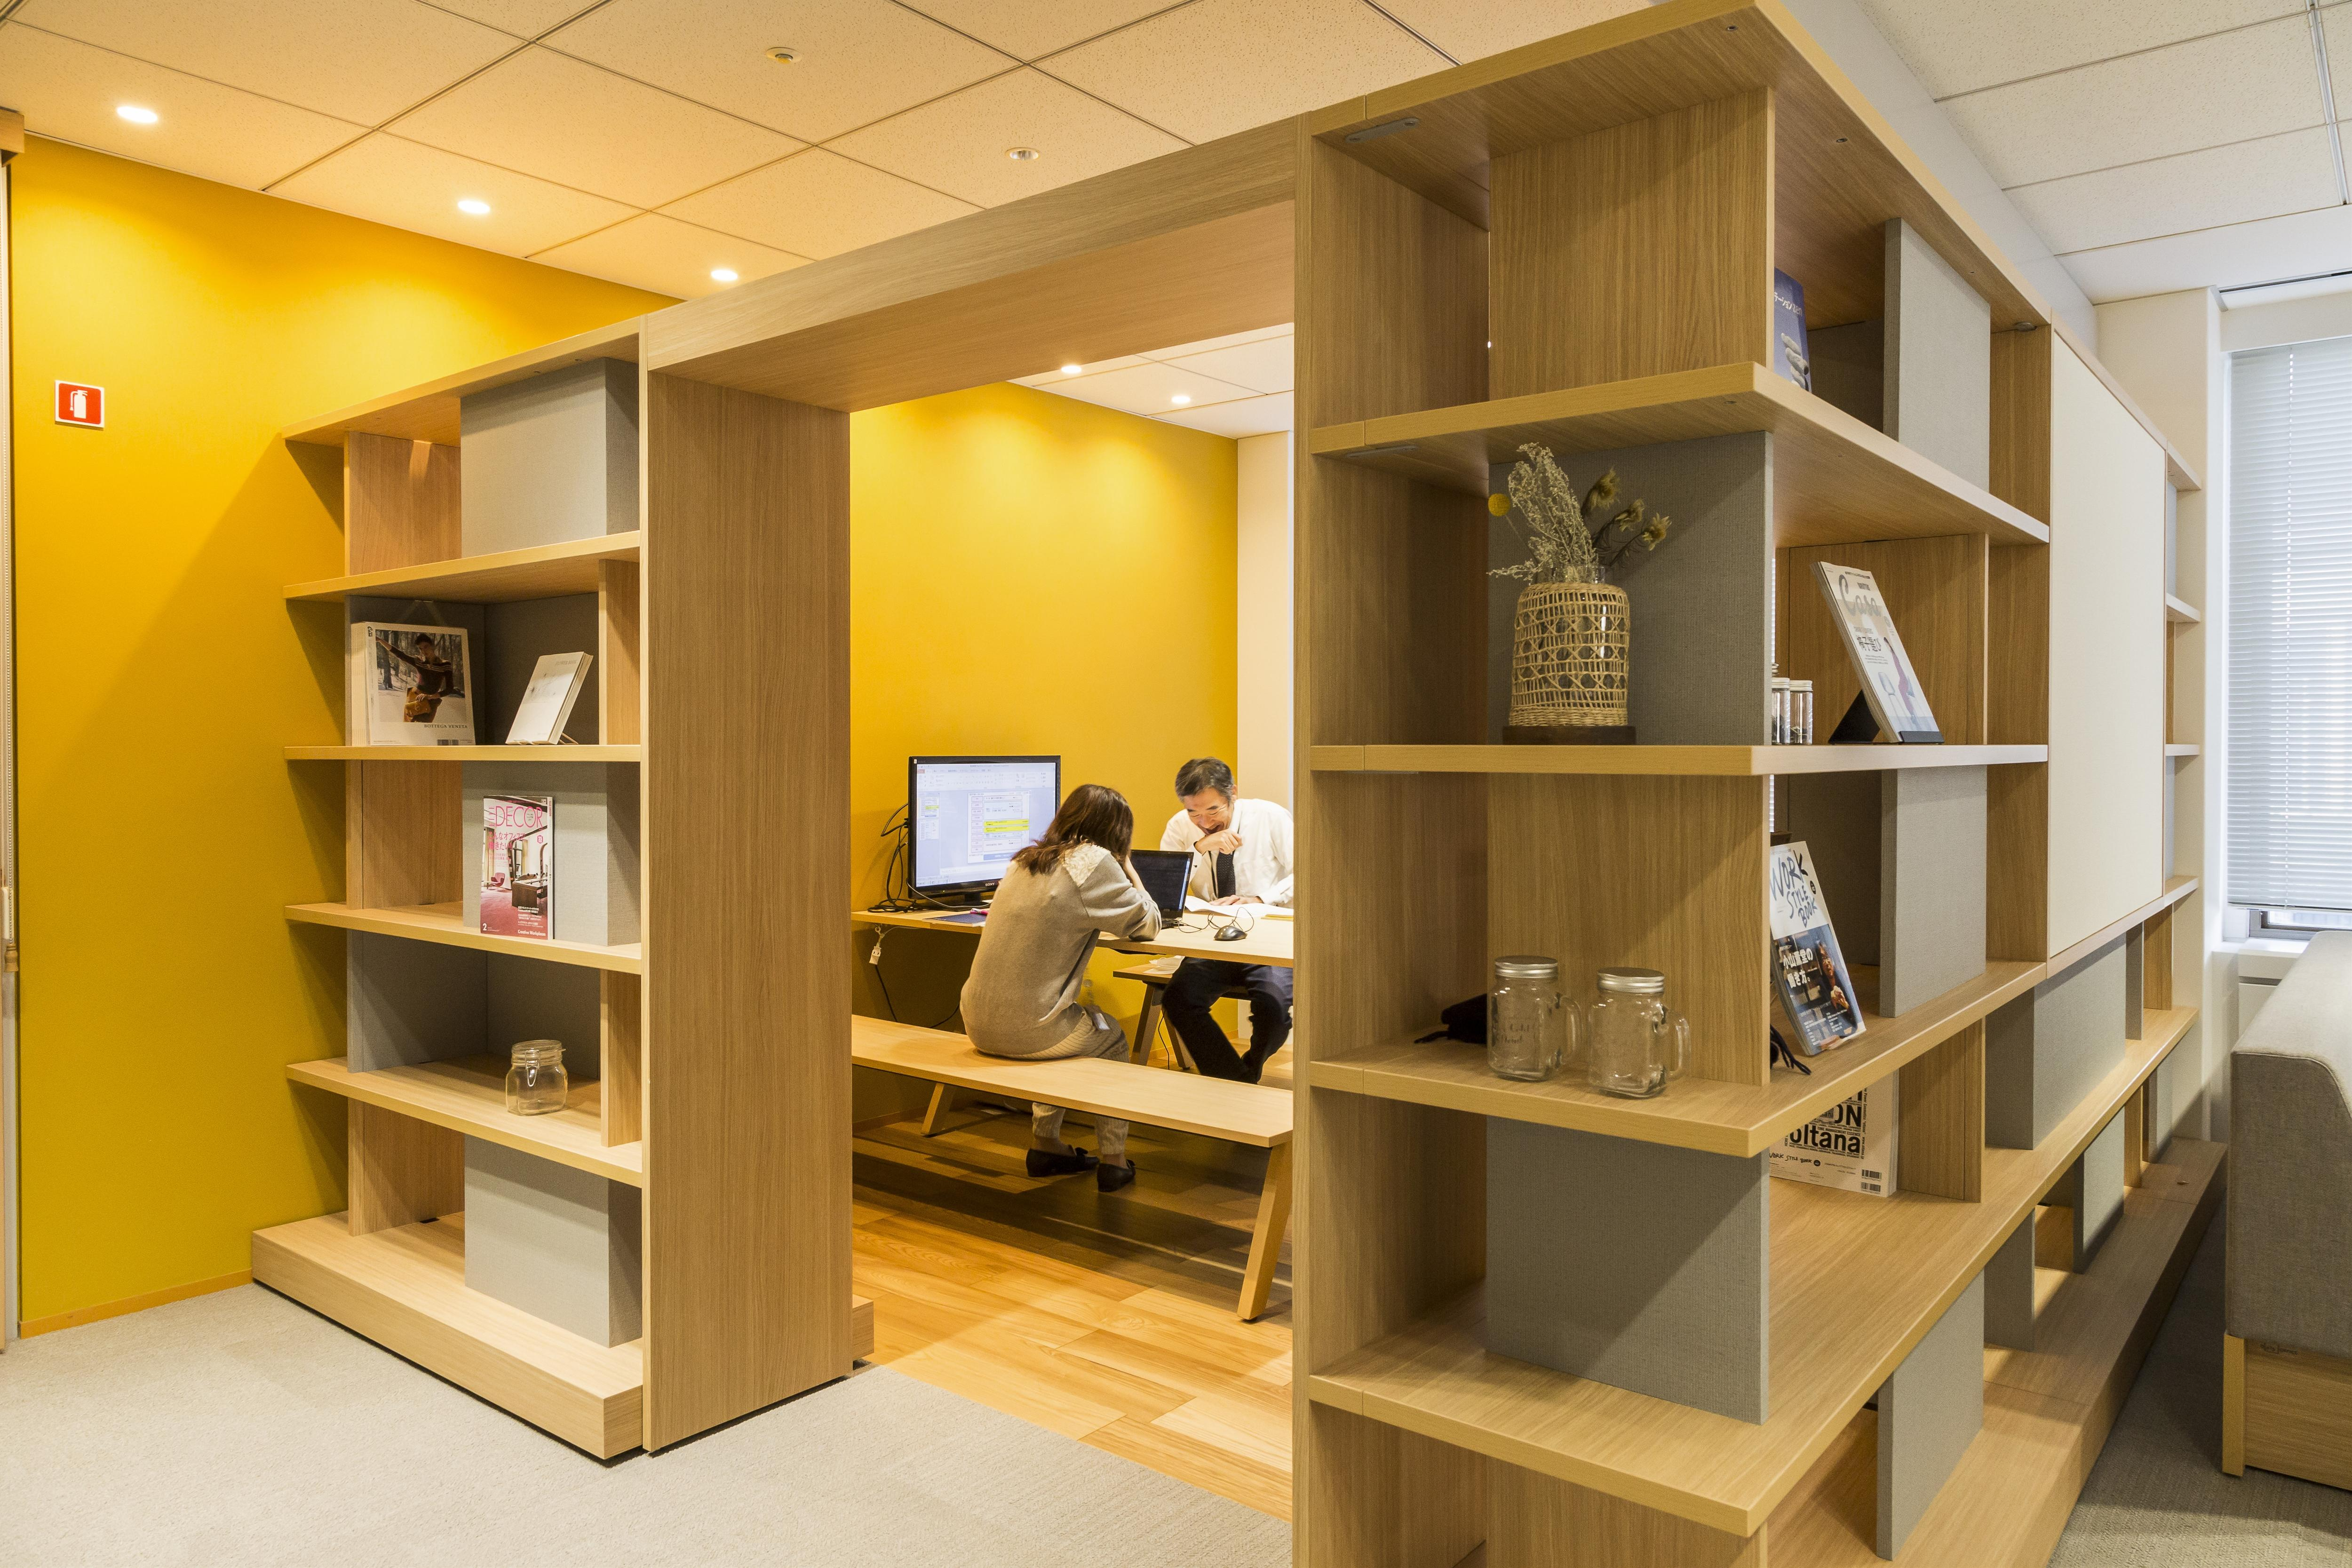 くつろげるソファや本棚などの家具 23.jpg